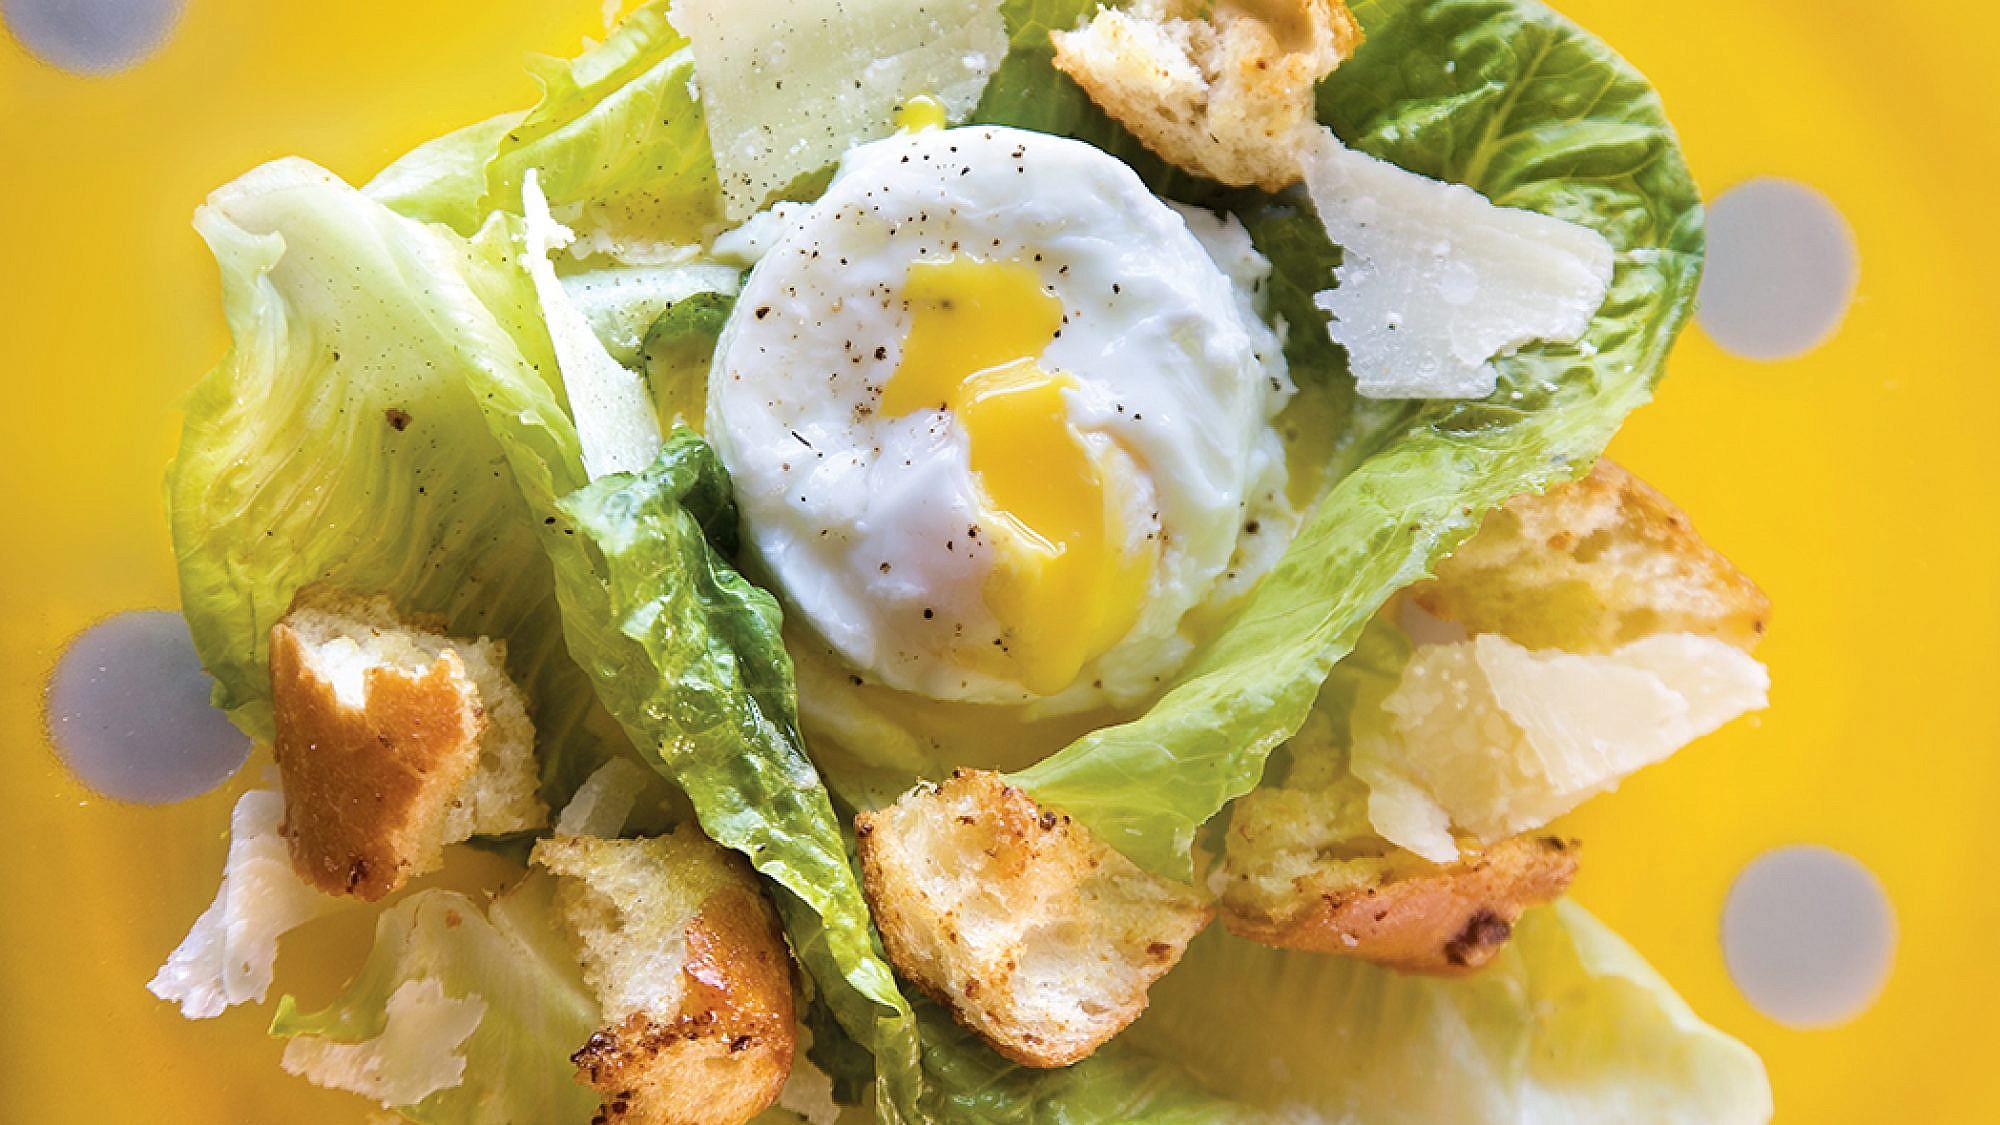 סלט קיסר עם ביצה עלומה של מיכל מוזס. צילום: דניאל לילה. סטיילינג: טליה אסיף